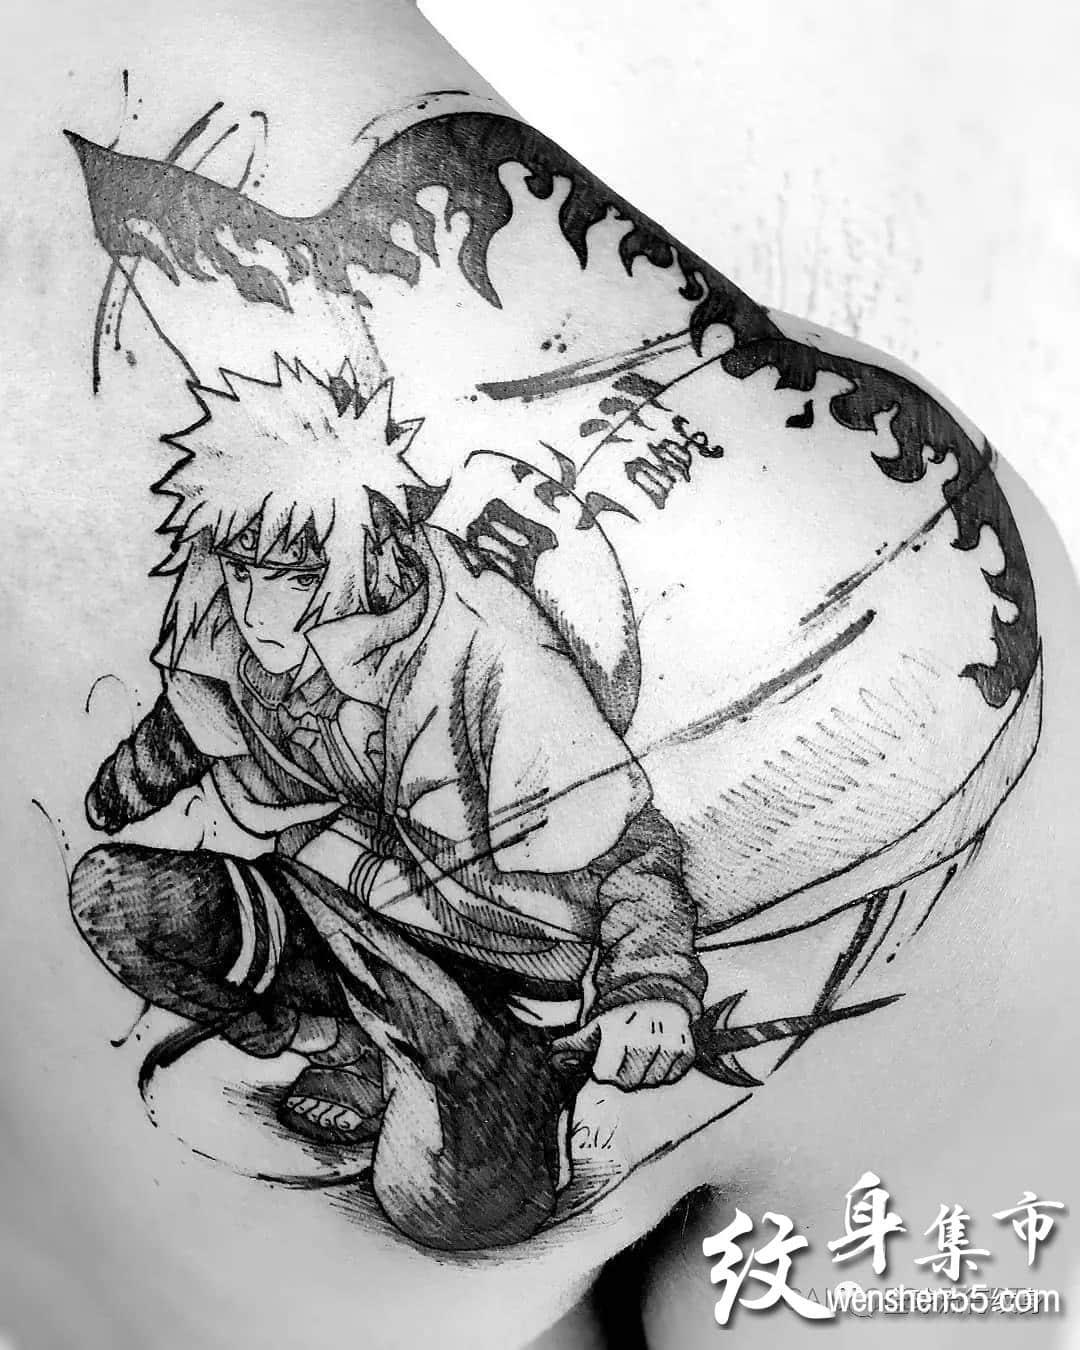 潦草动漫纹身,动漫纹身手稿图案